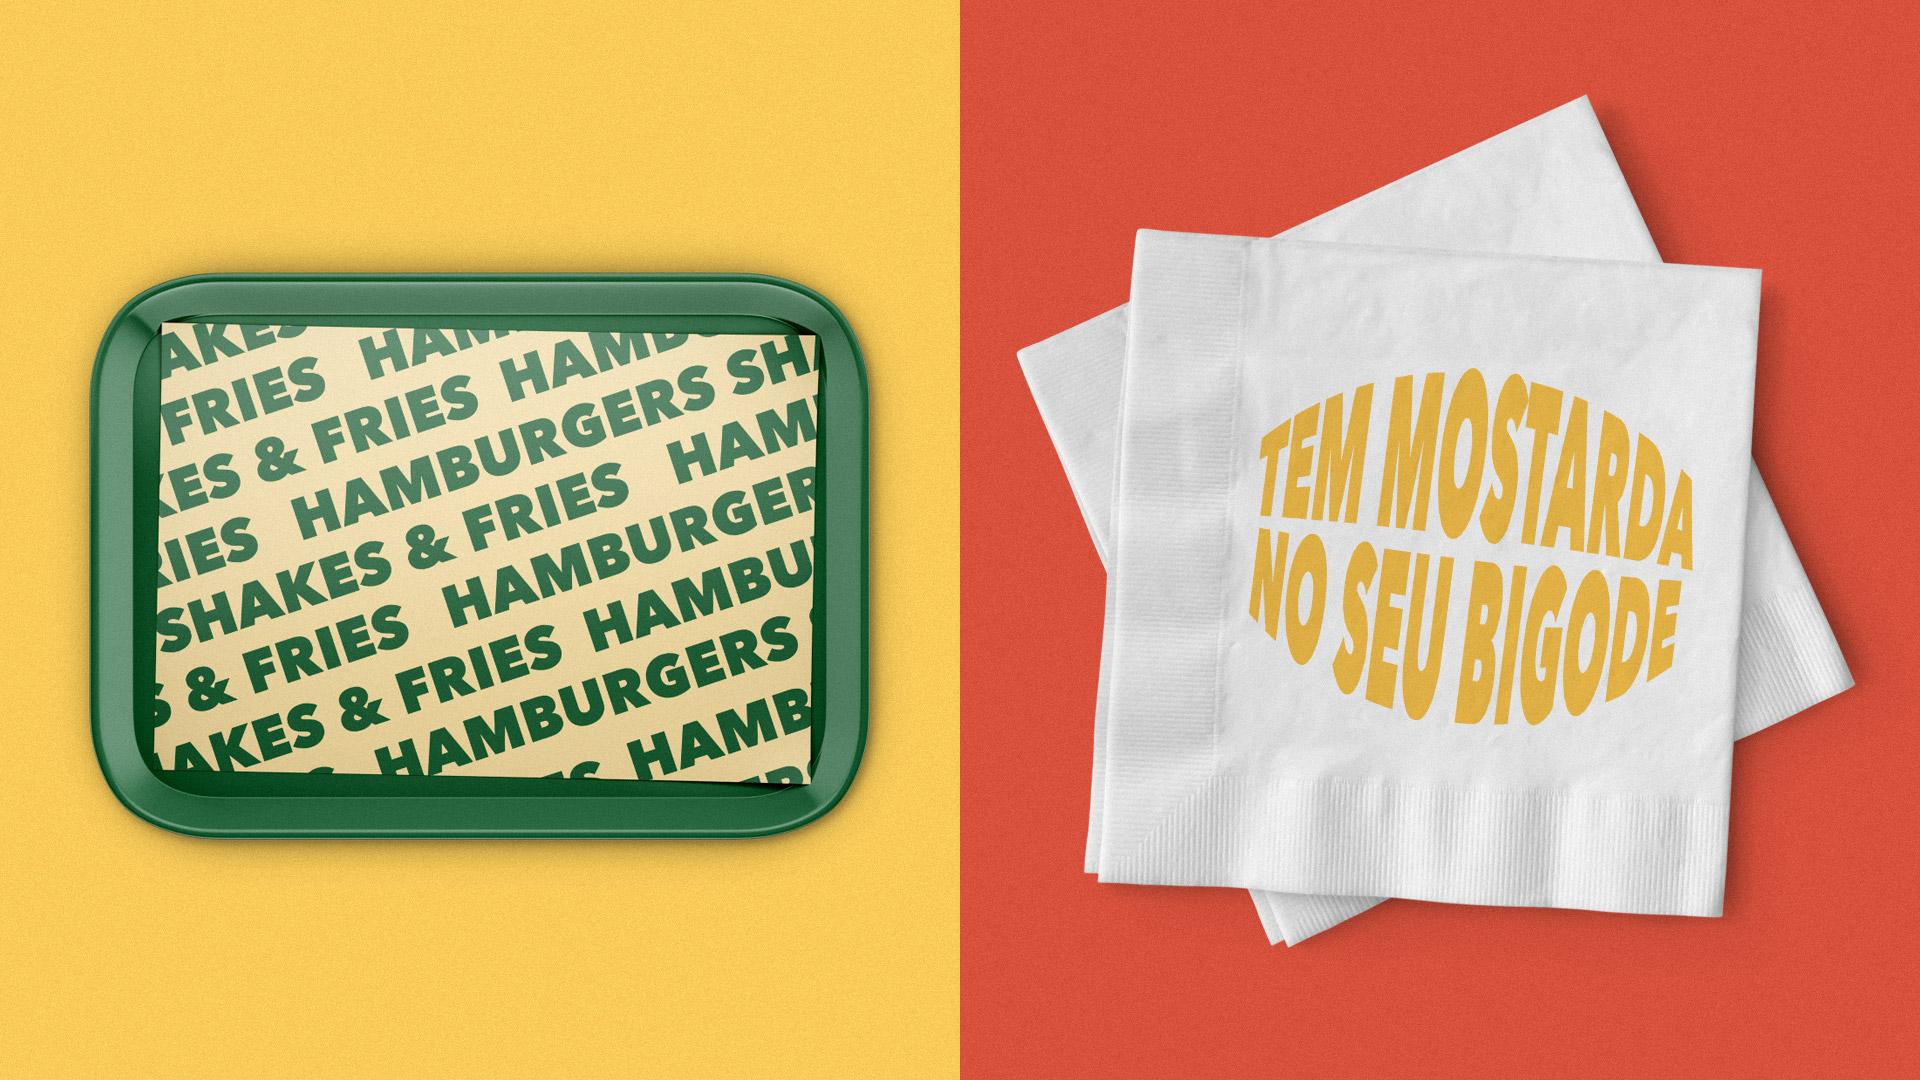 marca-hamburgueria-jota